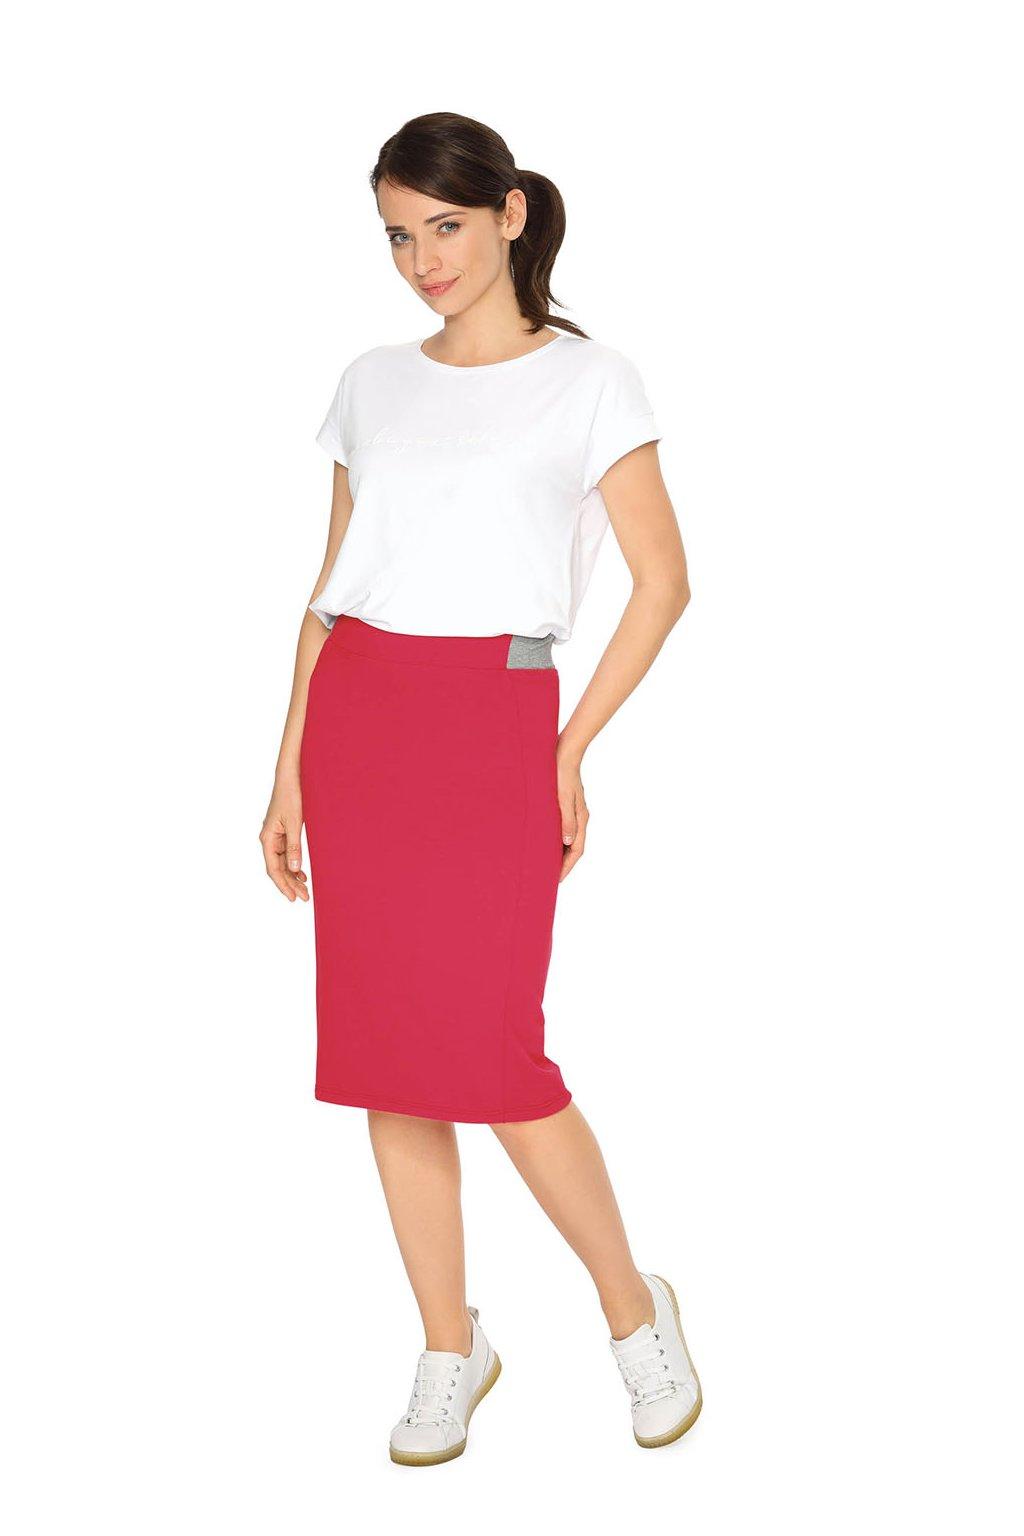 Dámská sukně, 105118 221, červená